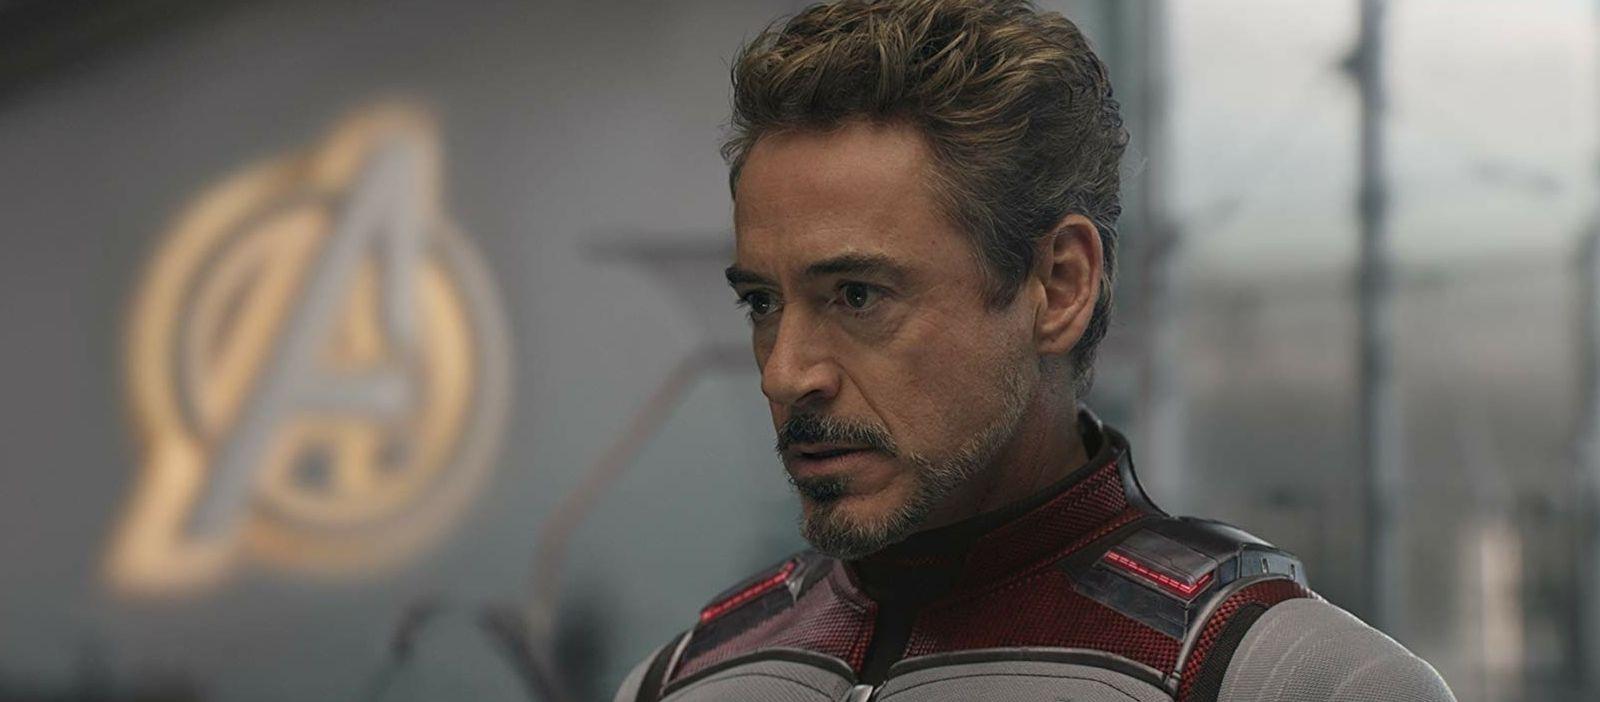 Marvel : l'histoire d'Iron Man est aussi celle de Robert Downey Jr (et c'est lui qui le dit) - ÉcranLarge.com